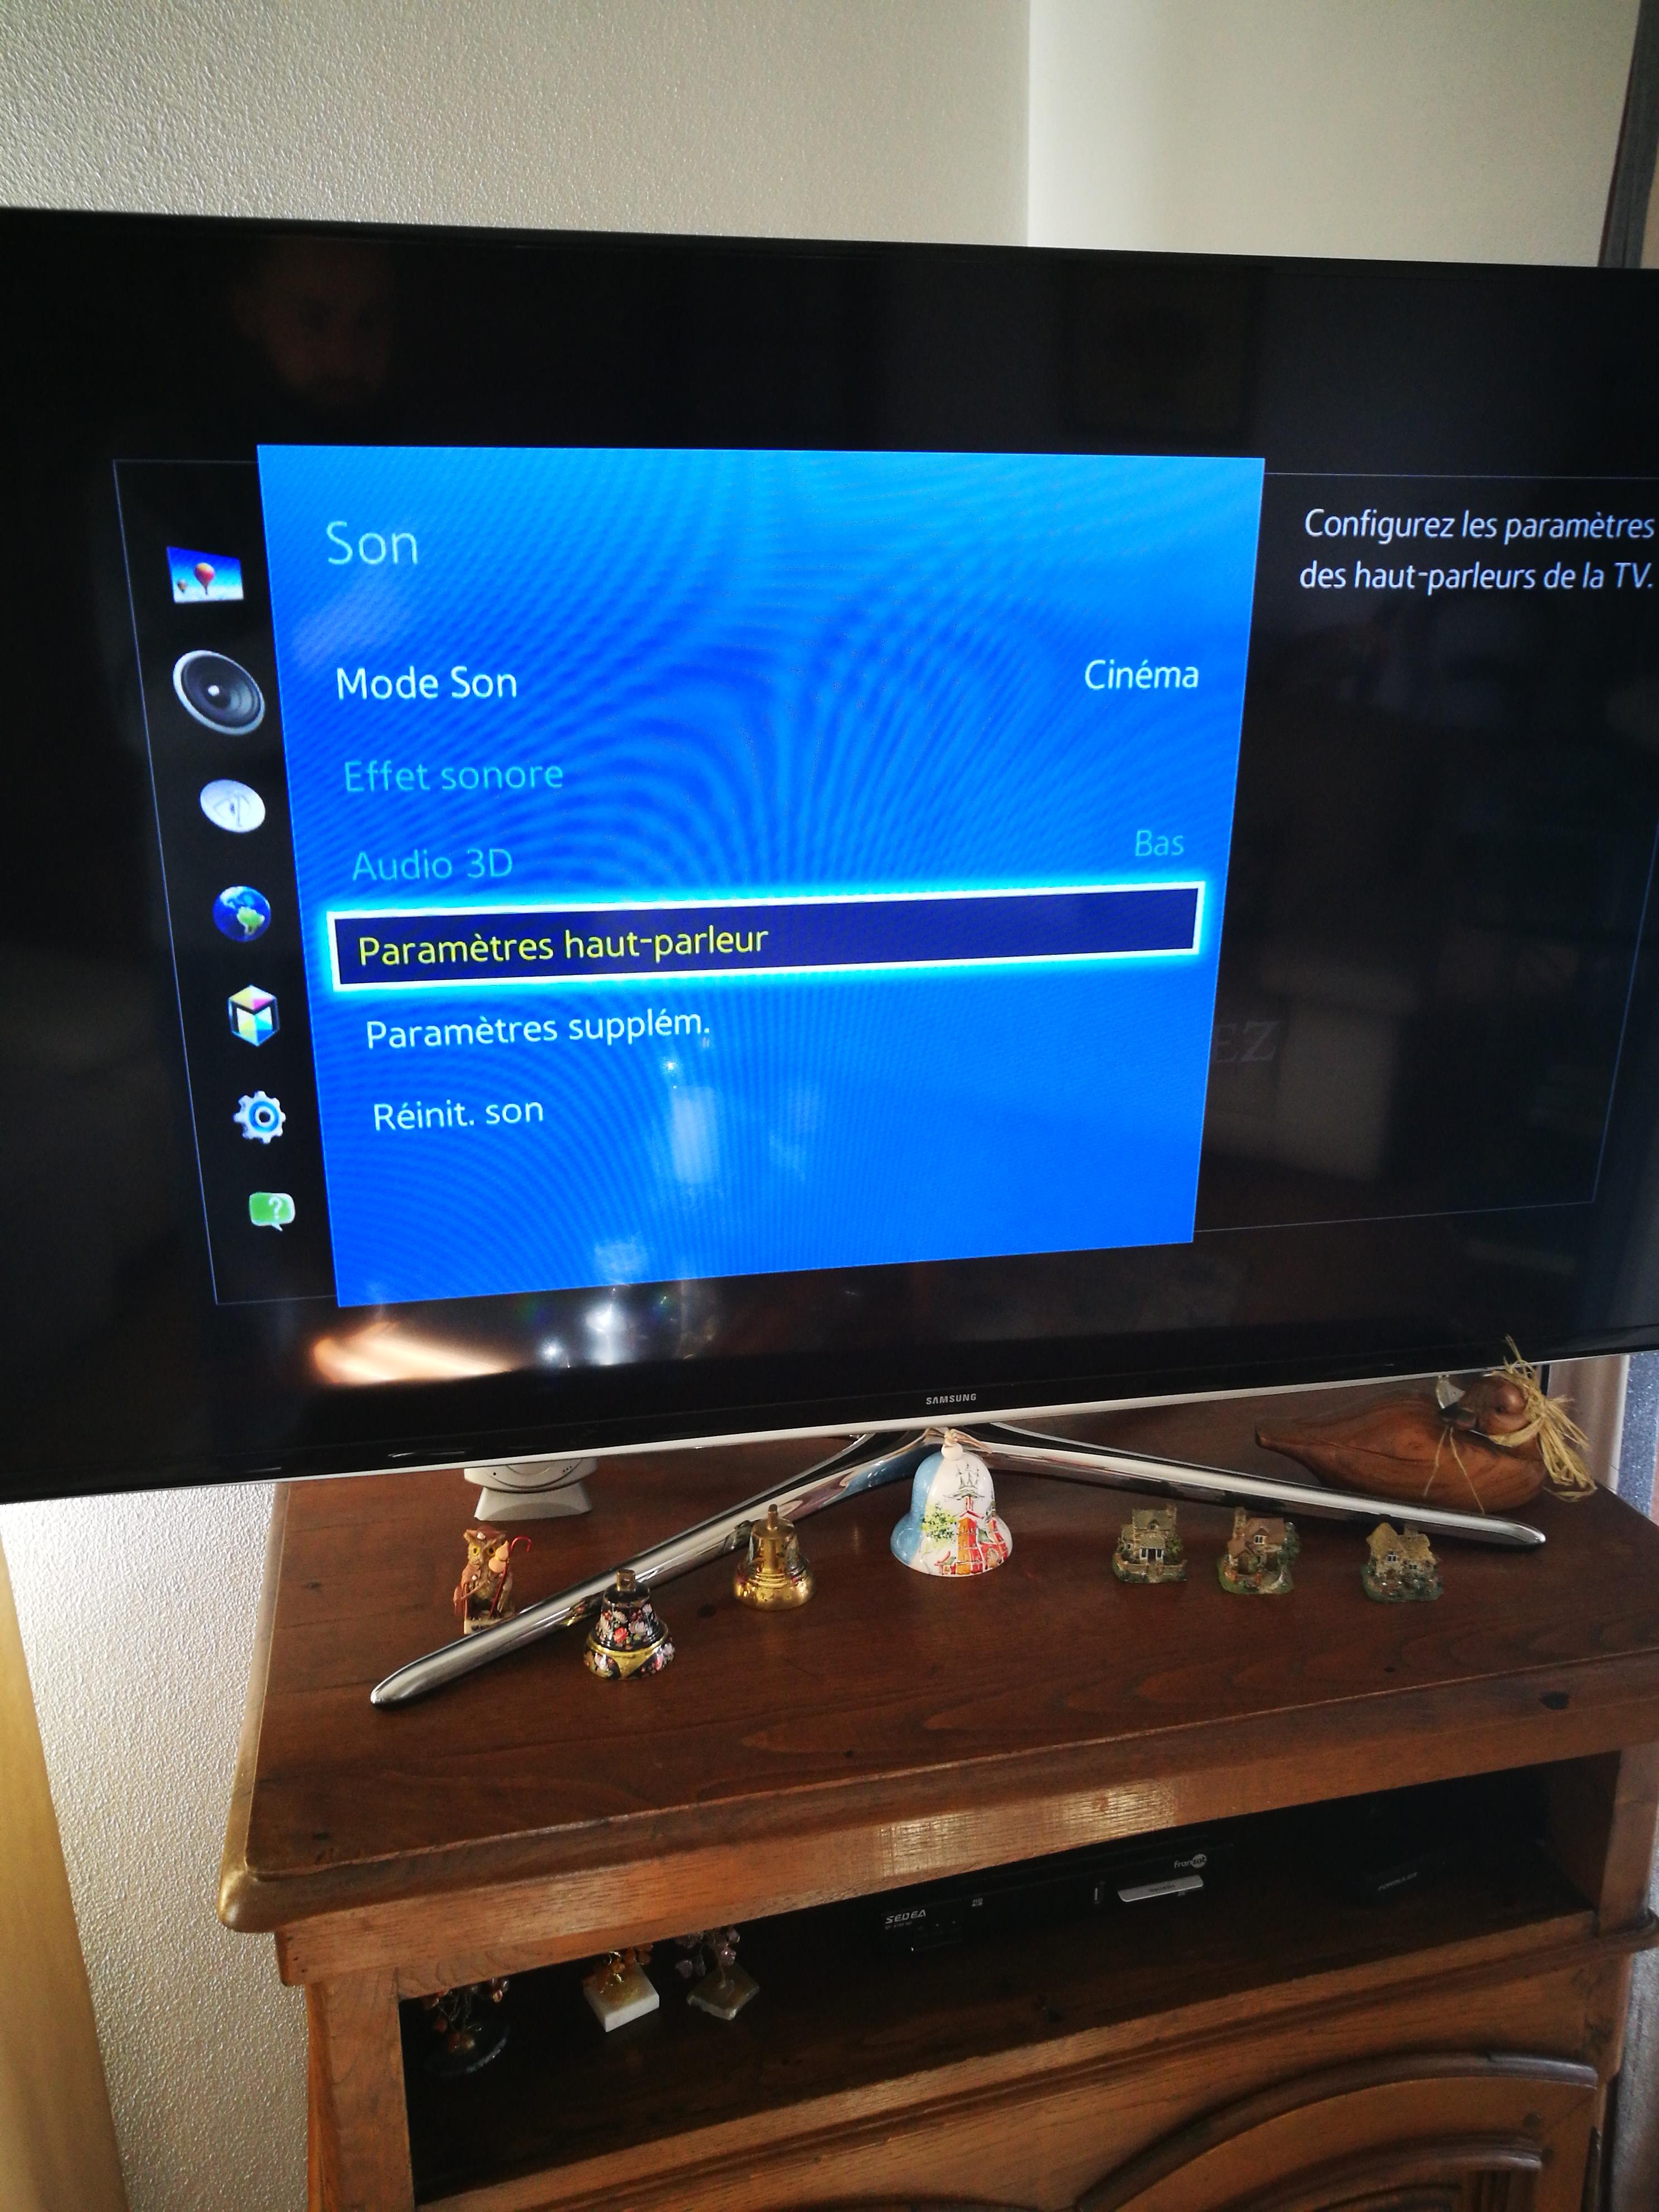 Résolu Casque Sur Tv Ue48h6400 Samsung Community